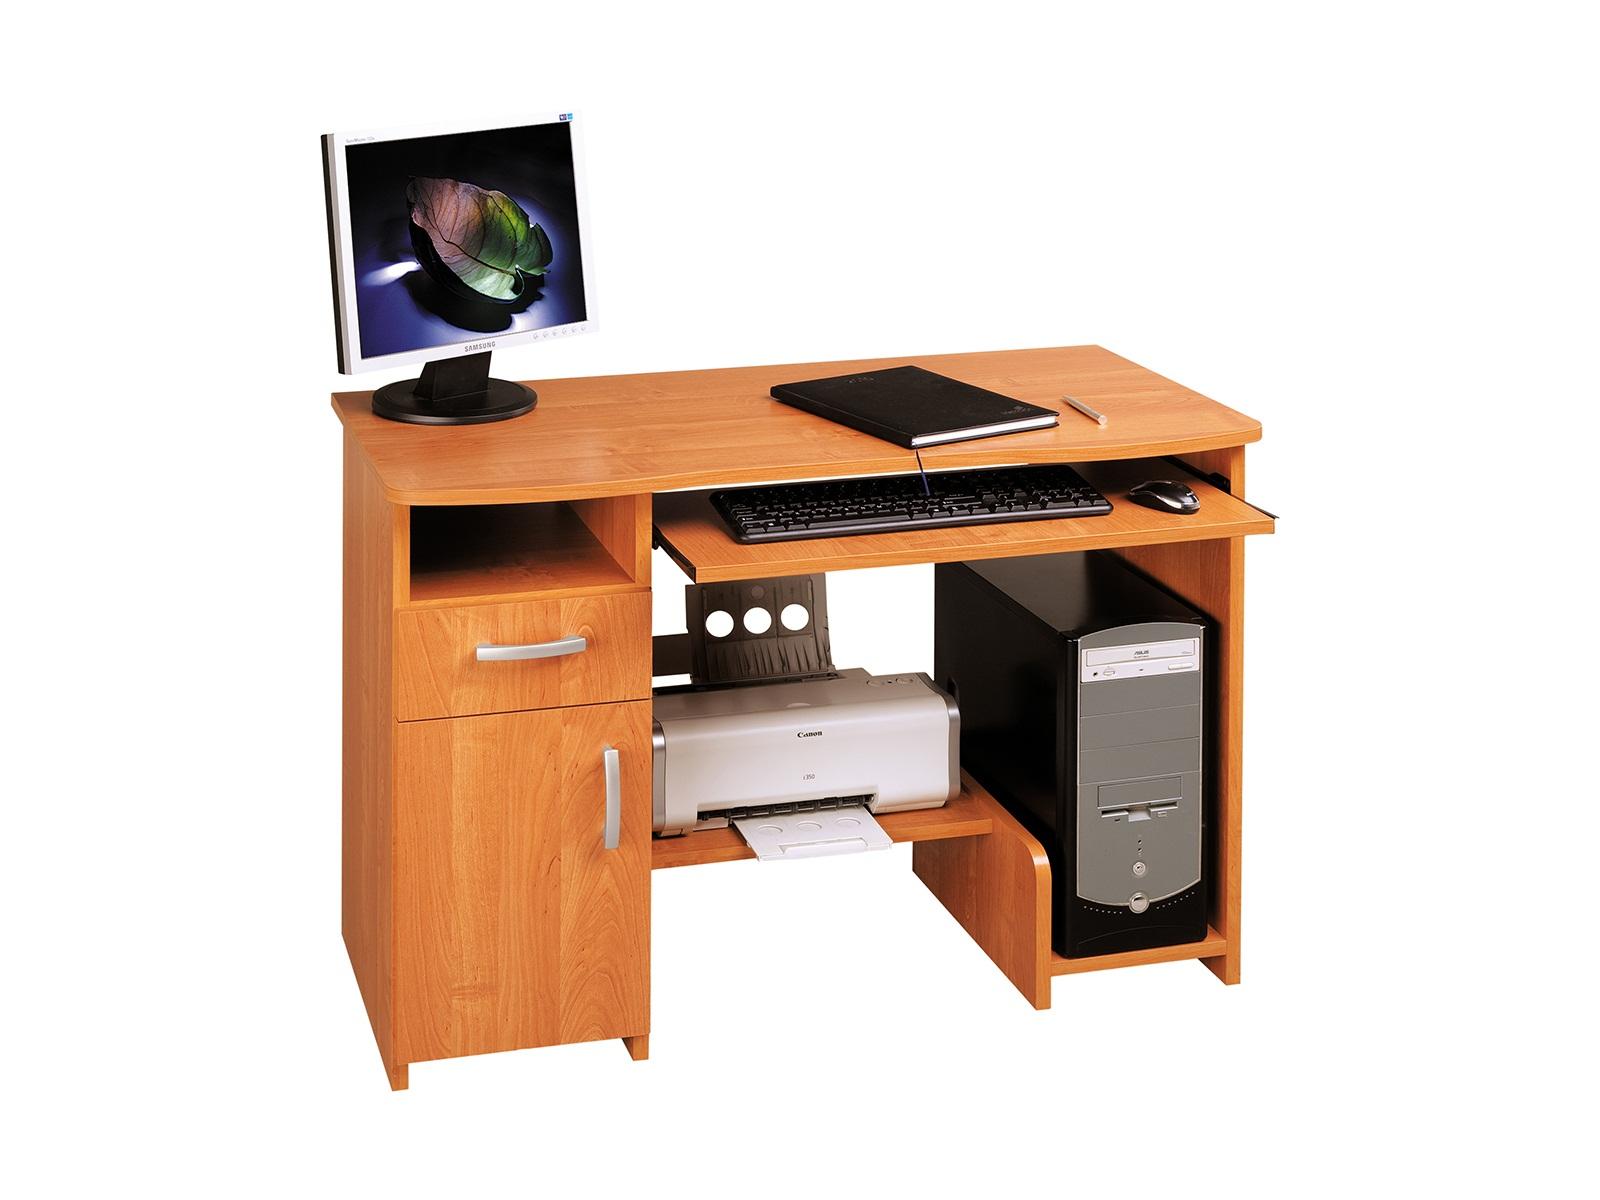 PC stolík - ML Nábytok - Mikołaj . Sme autorizovaný predajca ML Nábytok. Vlastná spoľahlivá doprava až k Vám domov.